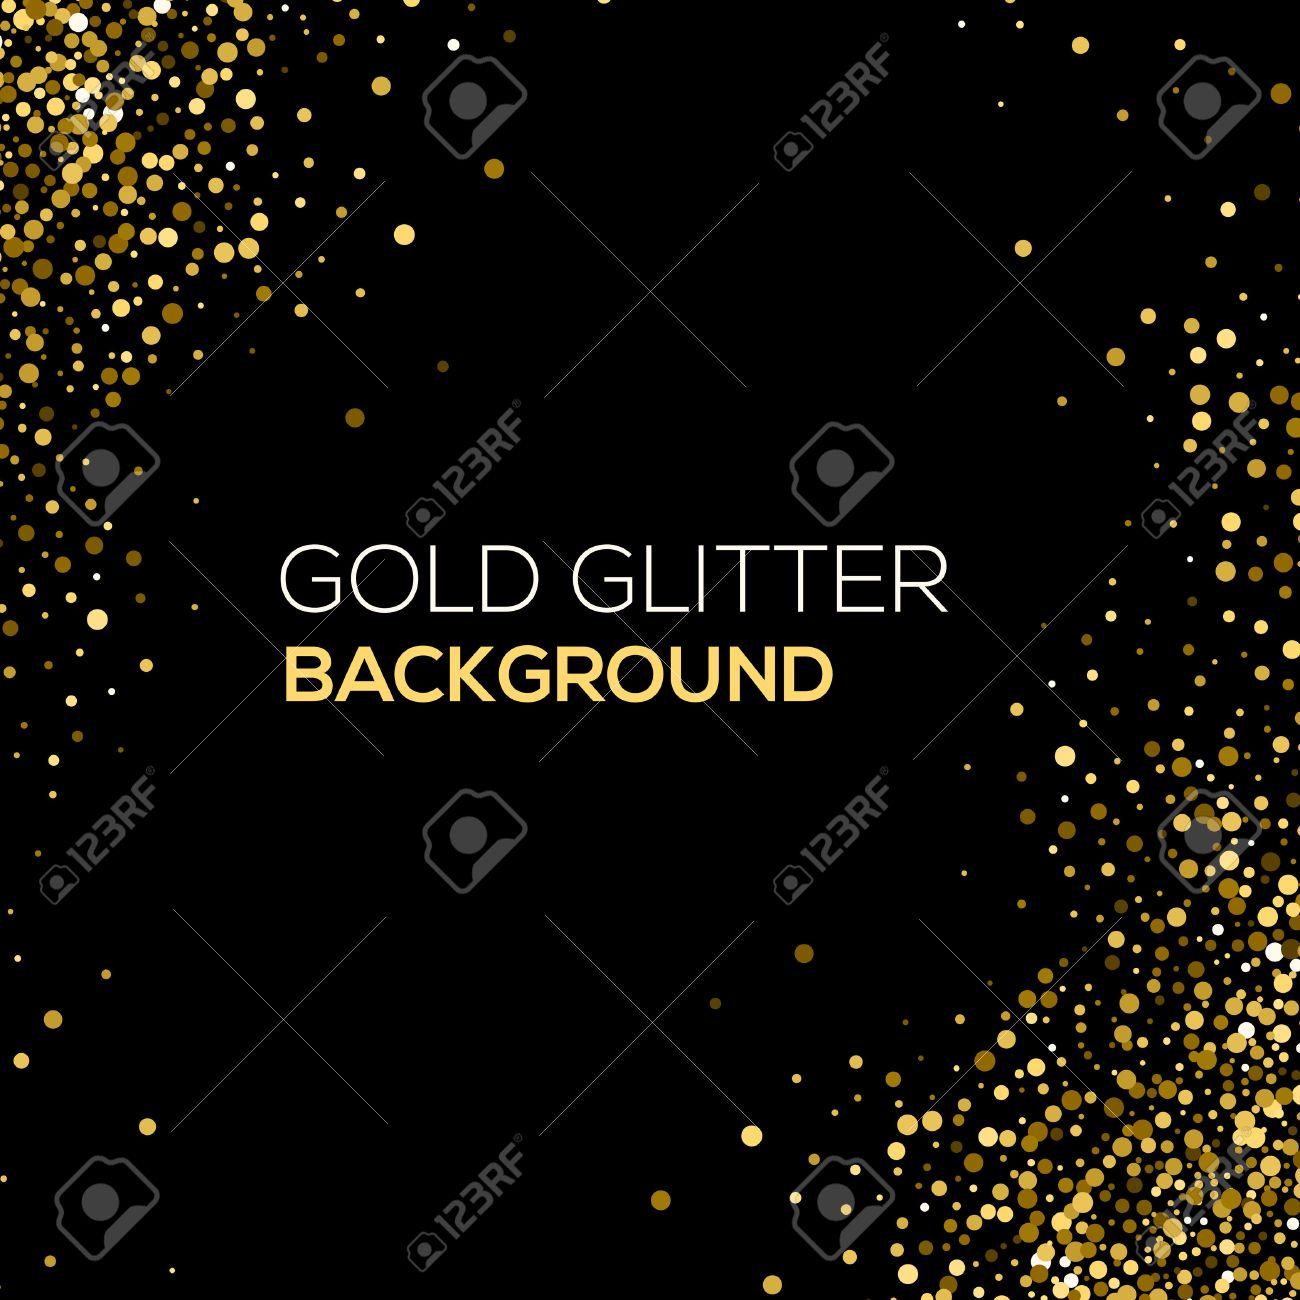 Gold confetti glitter on black background. Abstract gold dust glitter background. Golden explosion of confetti. Golden grainy abstract background - 54404819